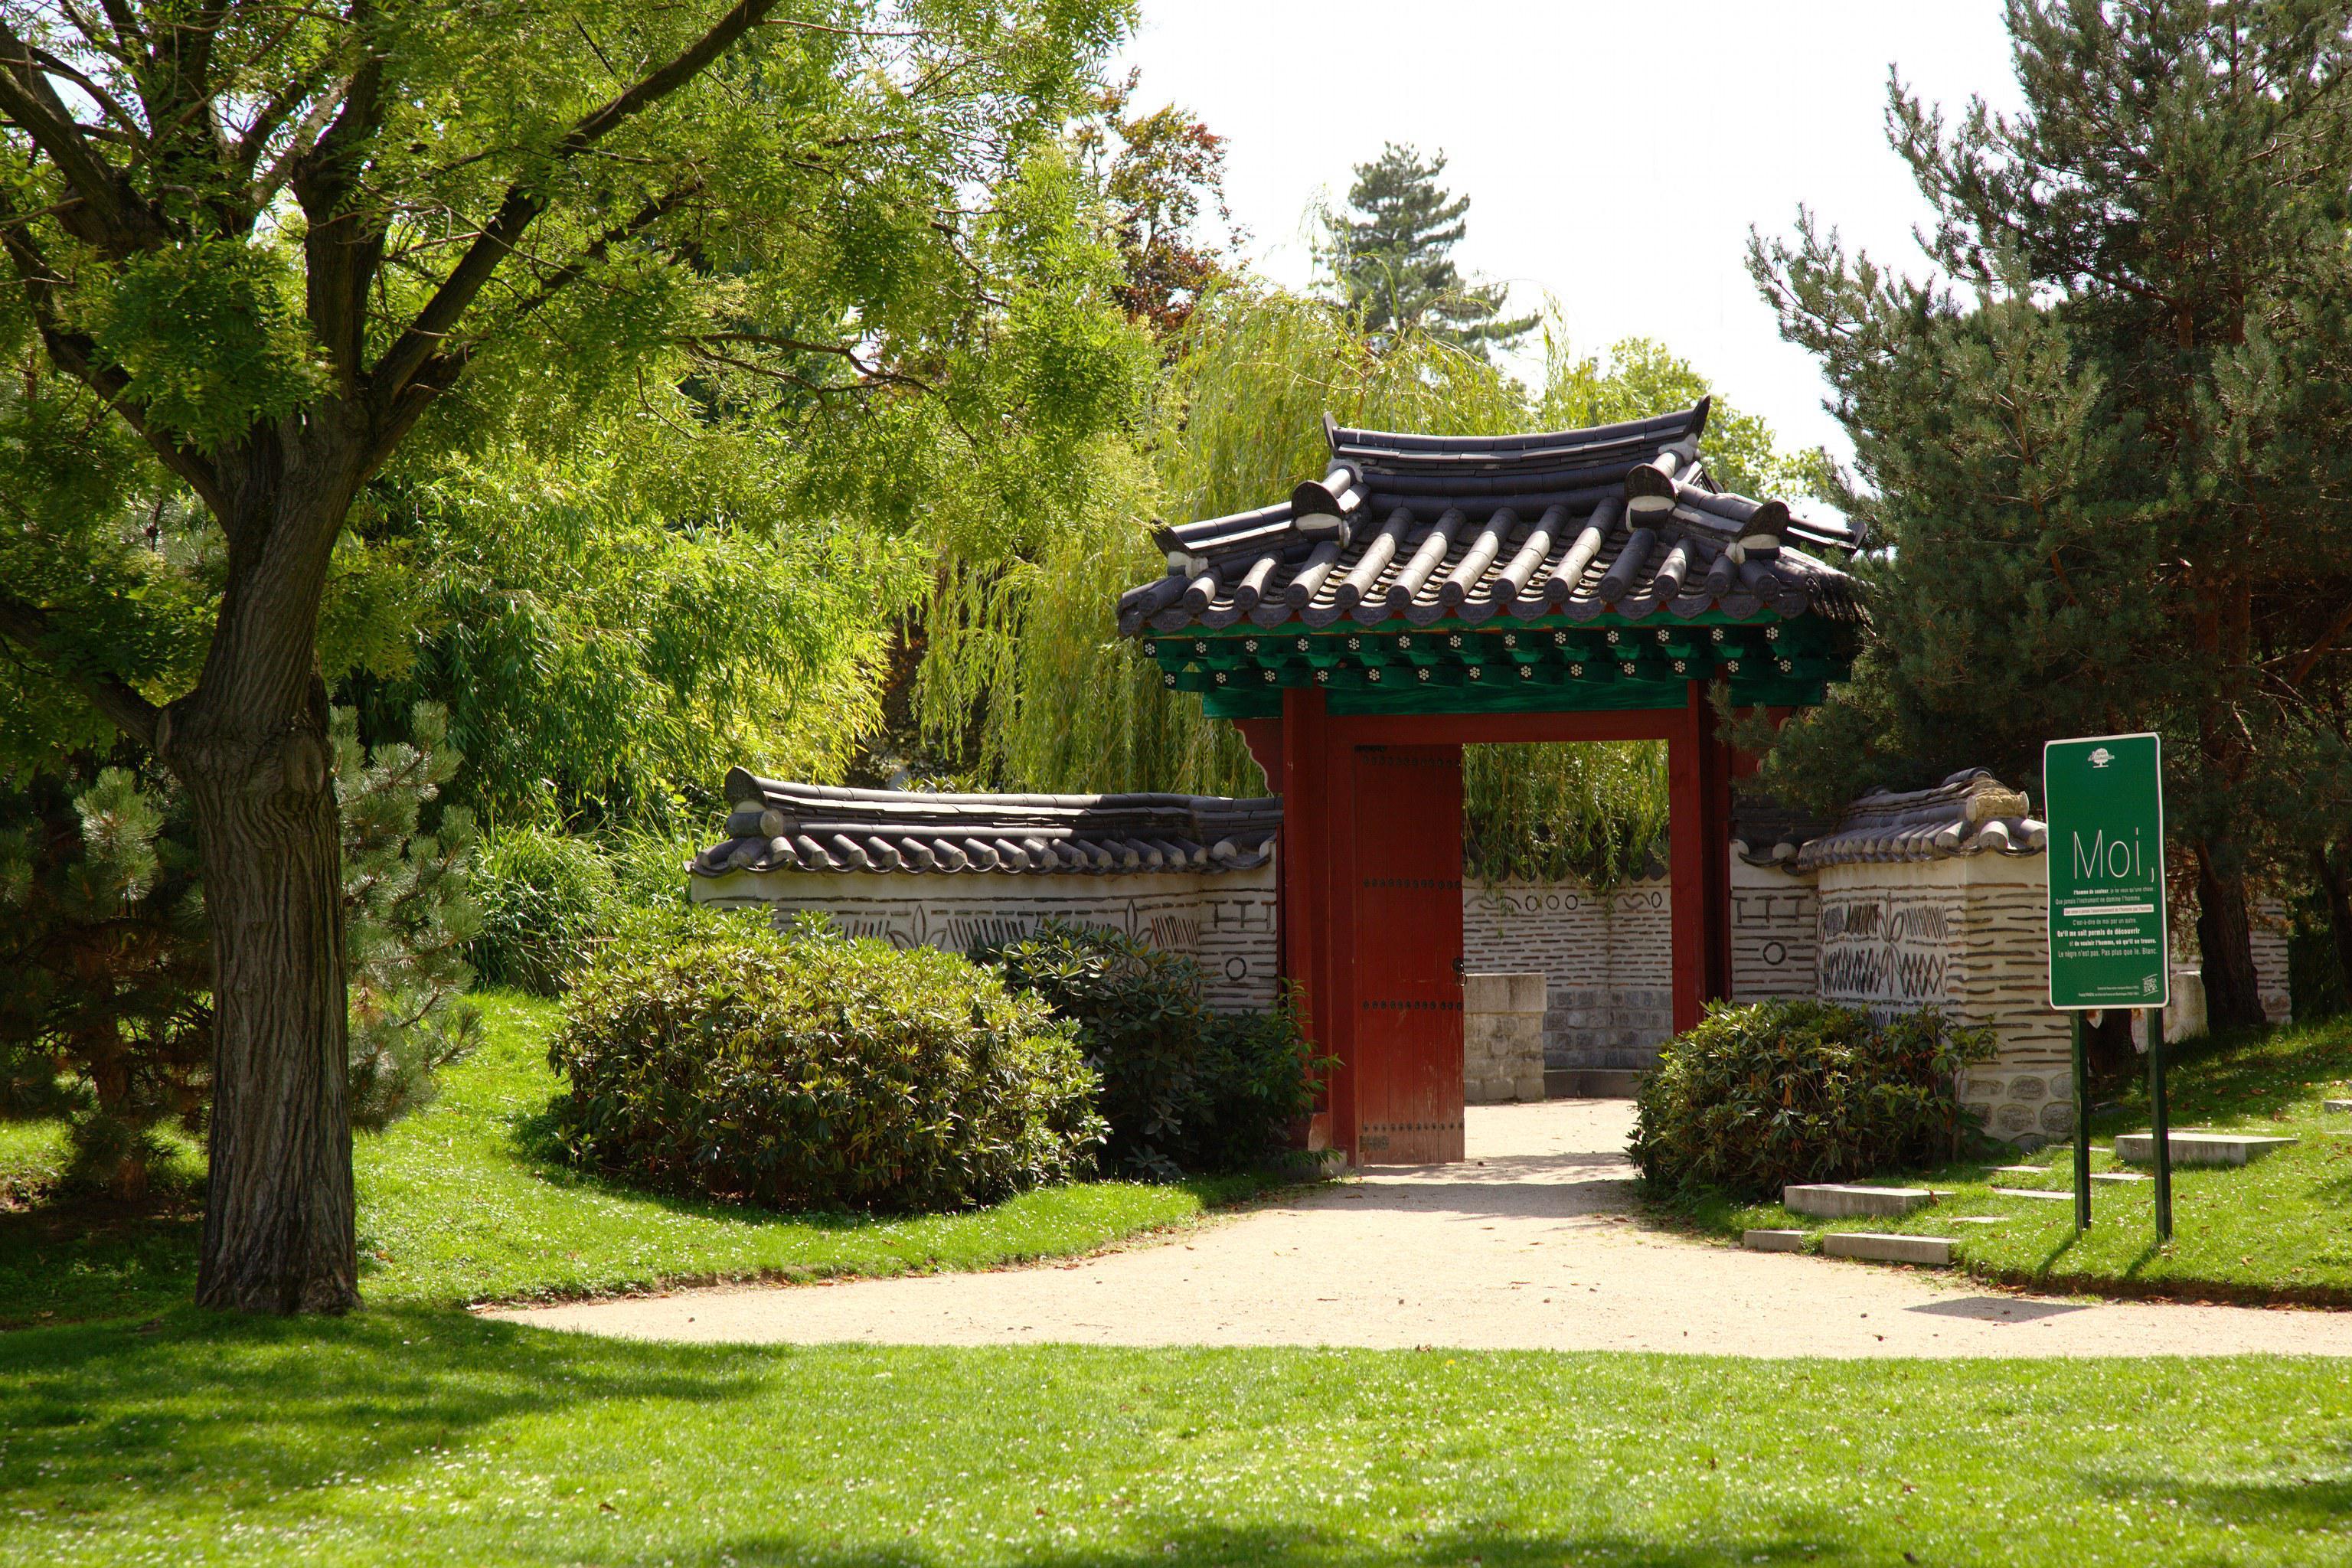 Guide de tourisme par commune paris 75 parcs jardin - Jardin d acclimatation bois de boulogne ...